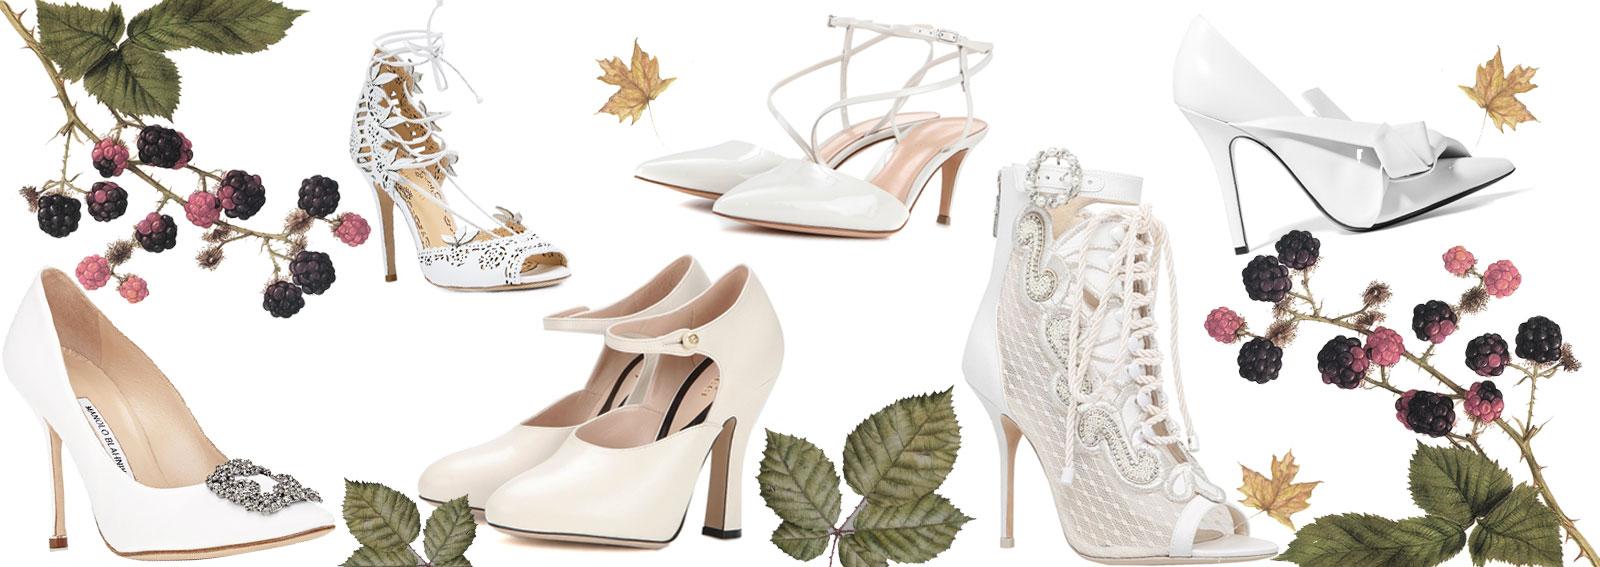 COVER-scarpe-da-sposa-autunno-DESKTOP